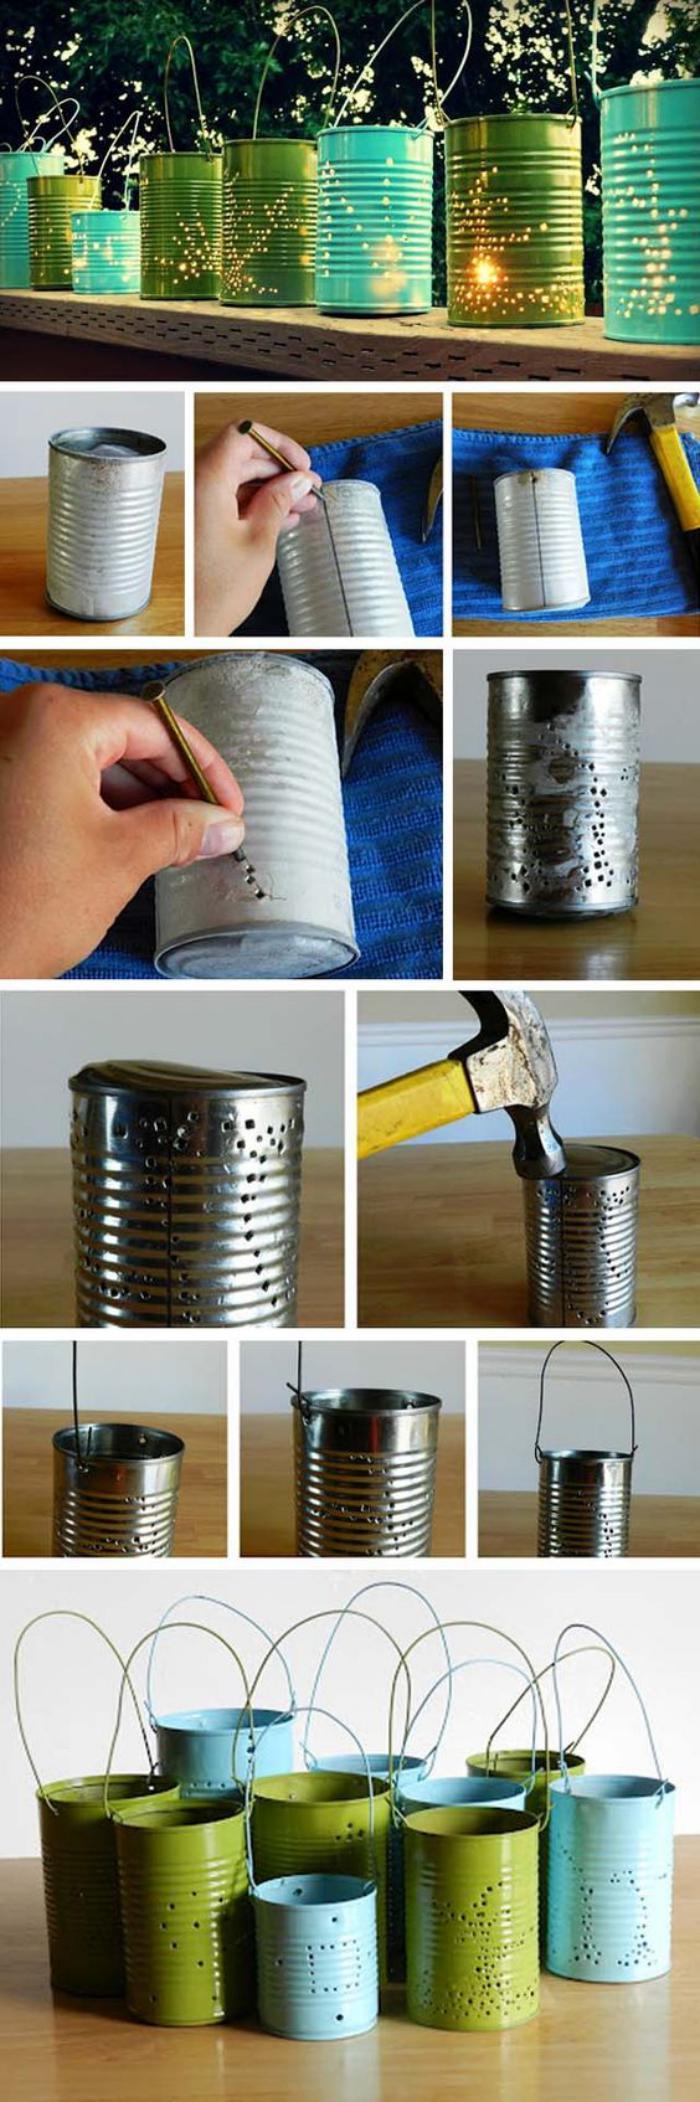 Comment Décorer Des Boites De Conserve qu-est-ce-qu'on peut faire avec une boite de conserve - la